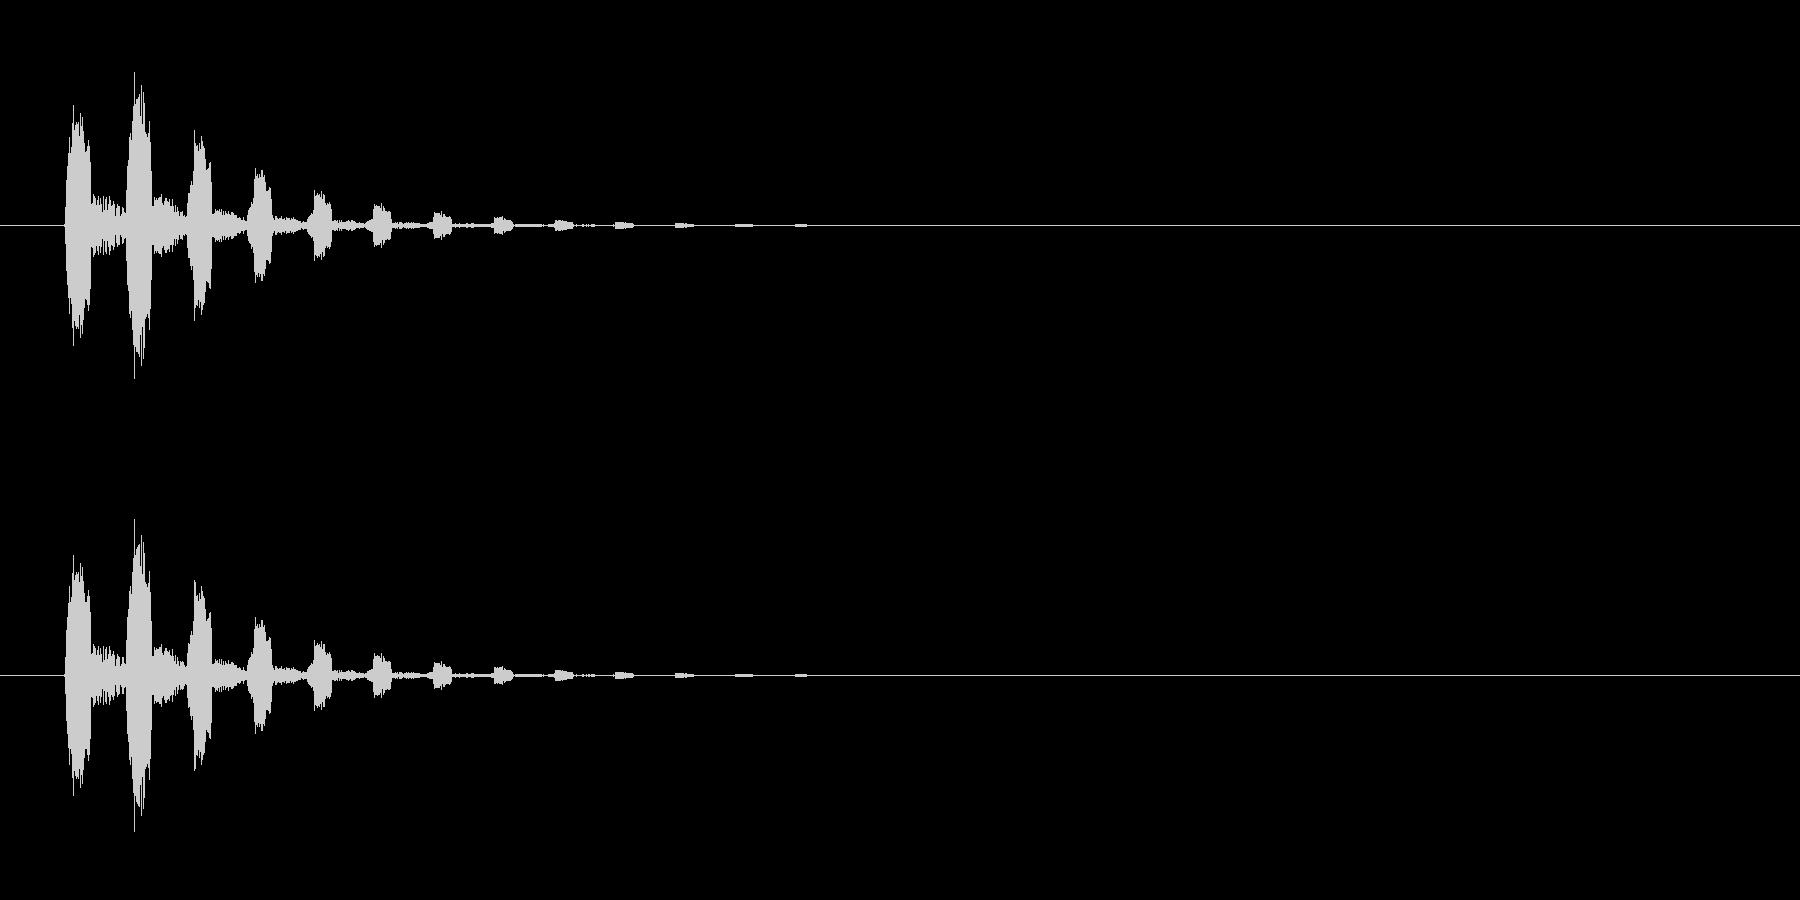 【びっくり04-2】の未再生の波形